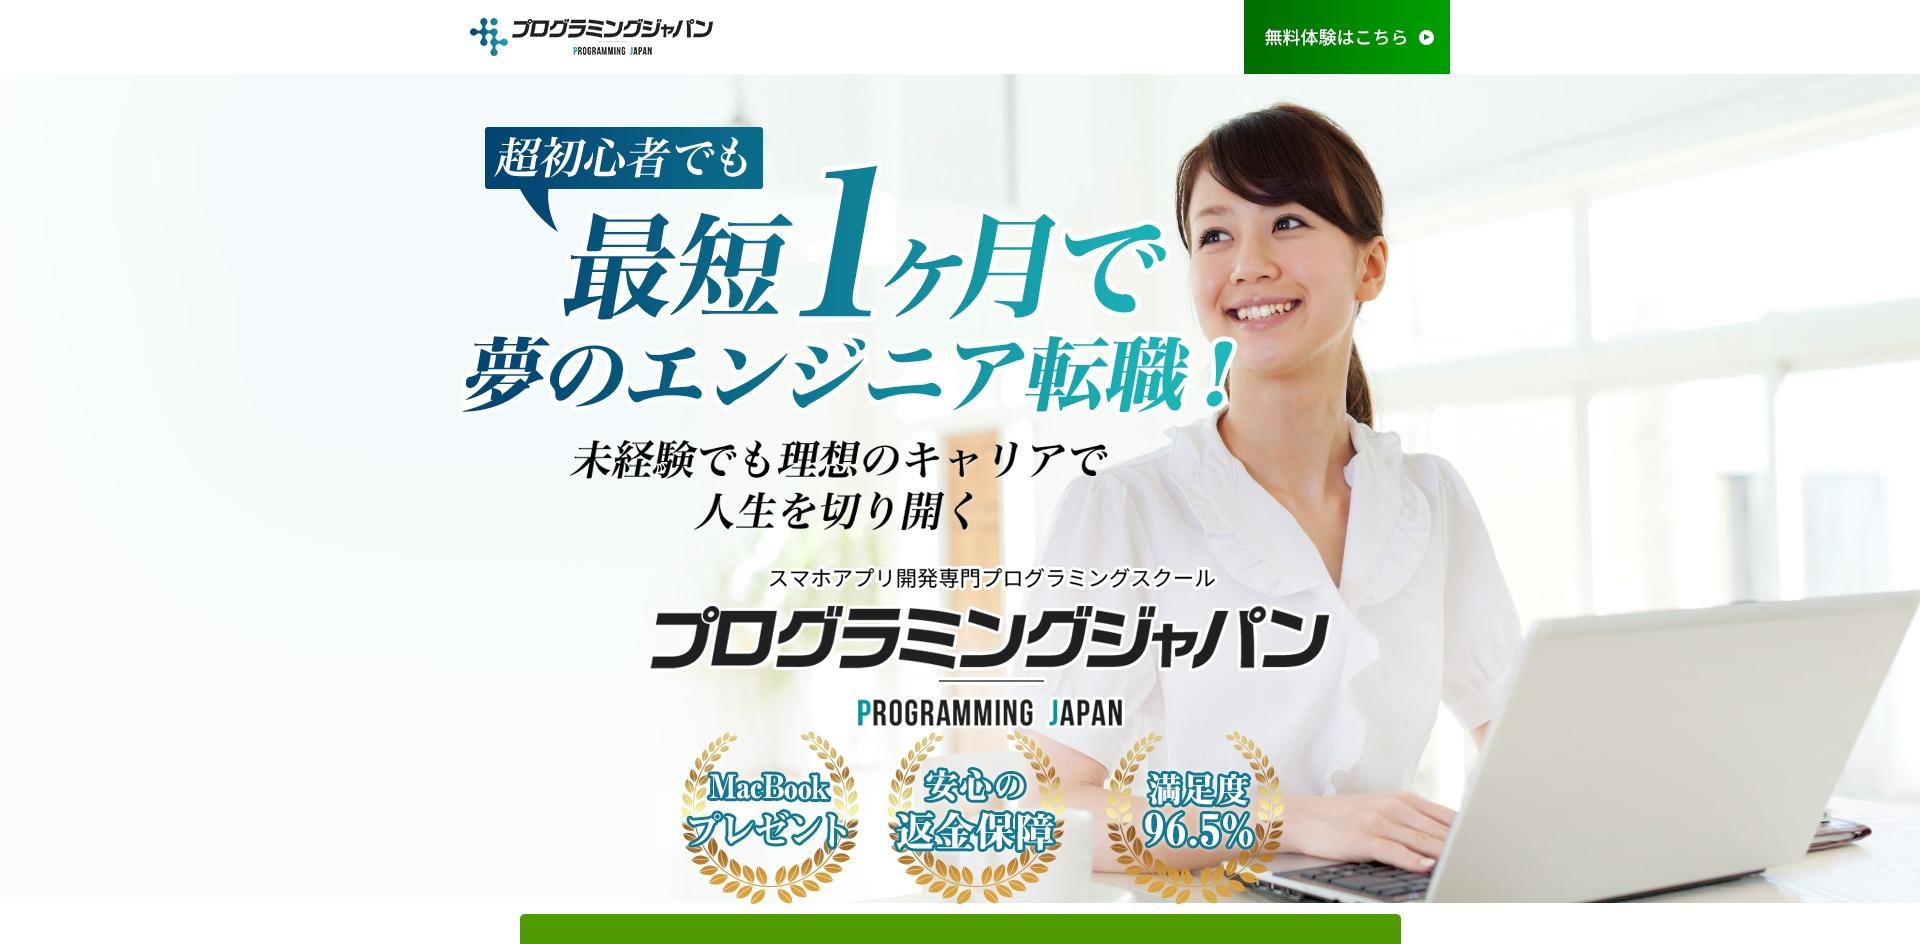 プログラミングジャパンの公式サイト